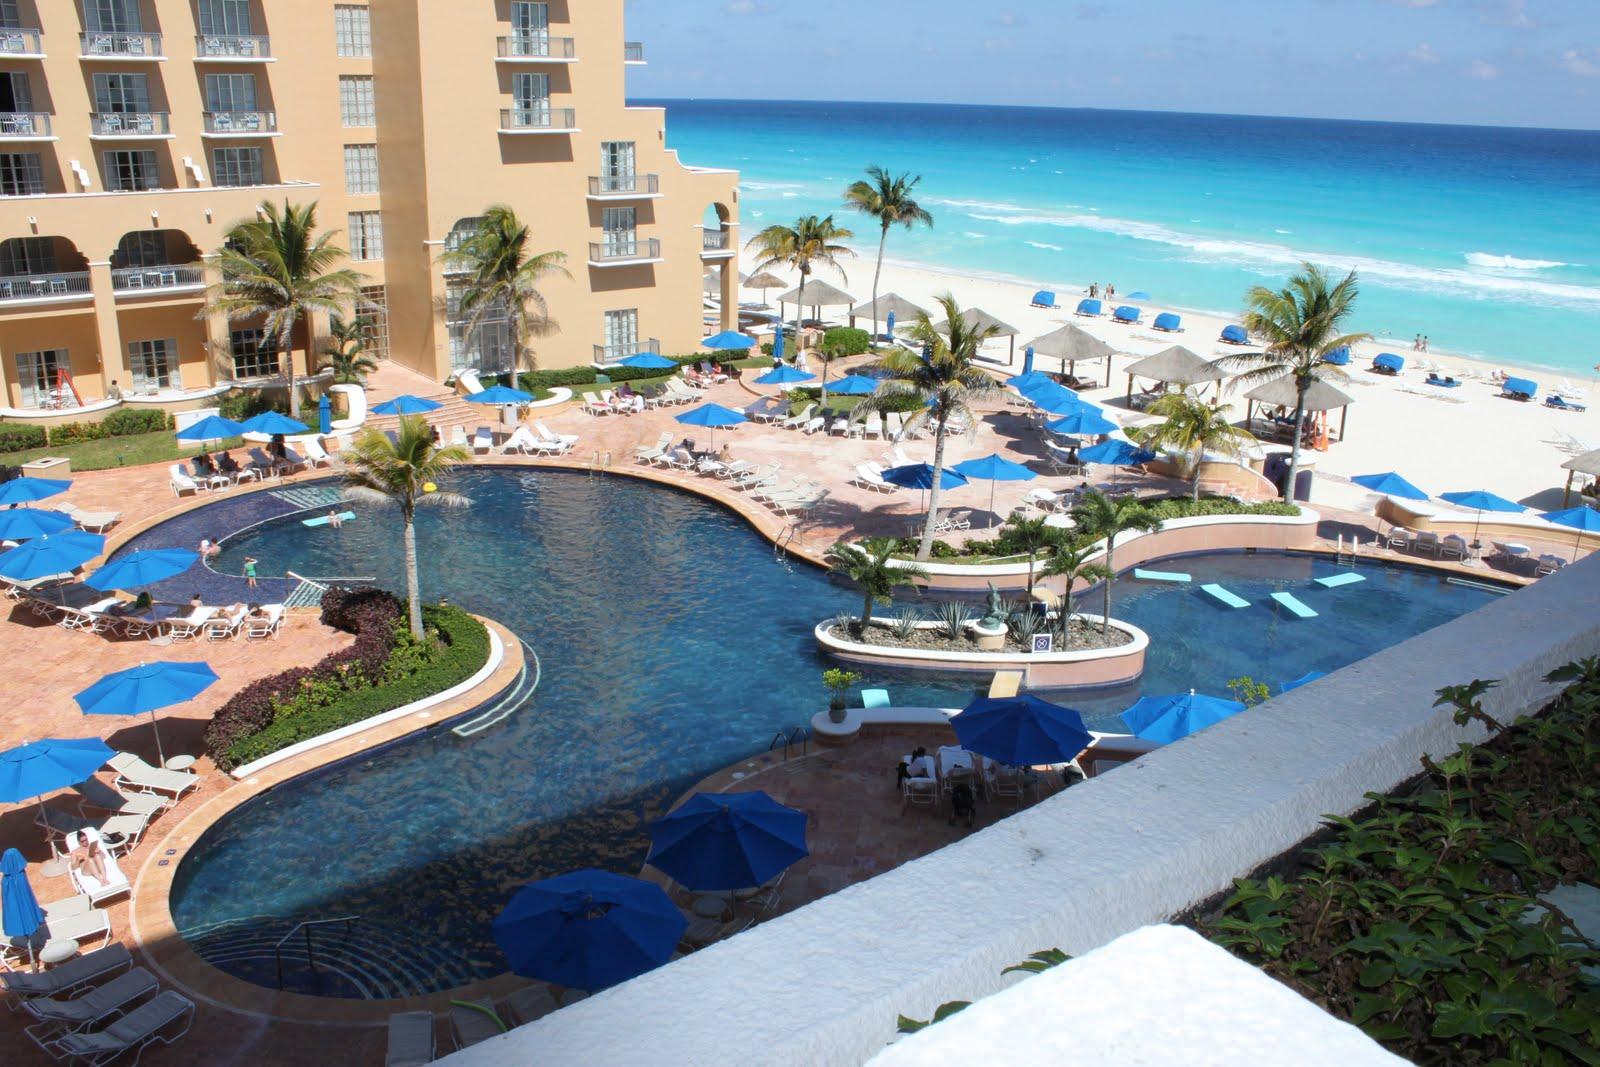 http://3.bp.blogspot.com/-MTCdmfwc3qQ/Troo6i8NChI/AAAAAAAAEAU/npl6fgOd34o/s1600/Cancun+Mexico+hd+wallpapers.jpg